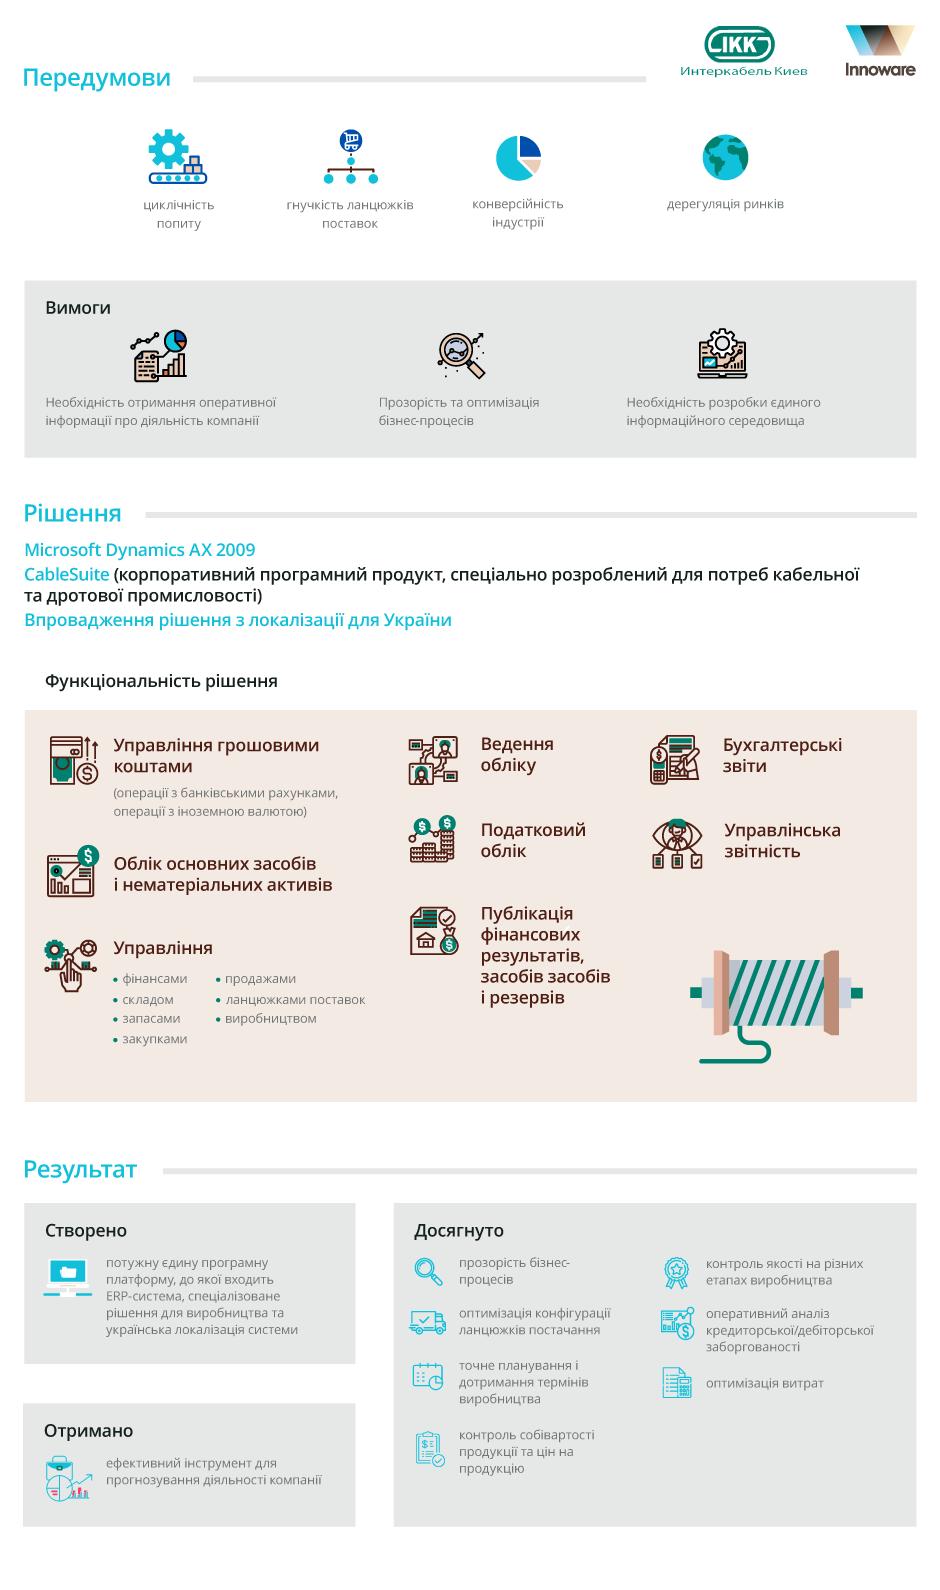 Впровадження Microsoft Dynamics AX у ТОВ «Інтеркабель Київ»